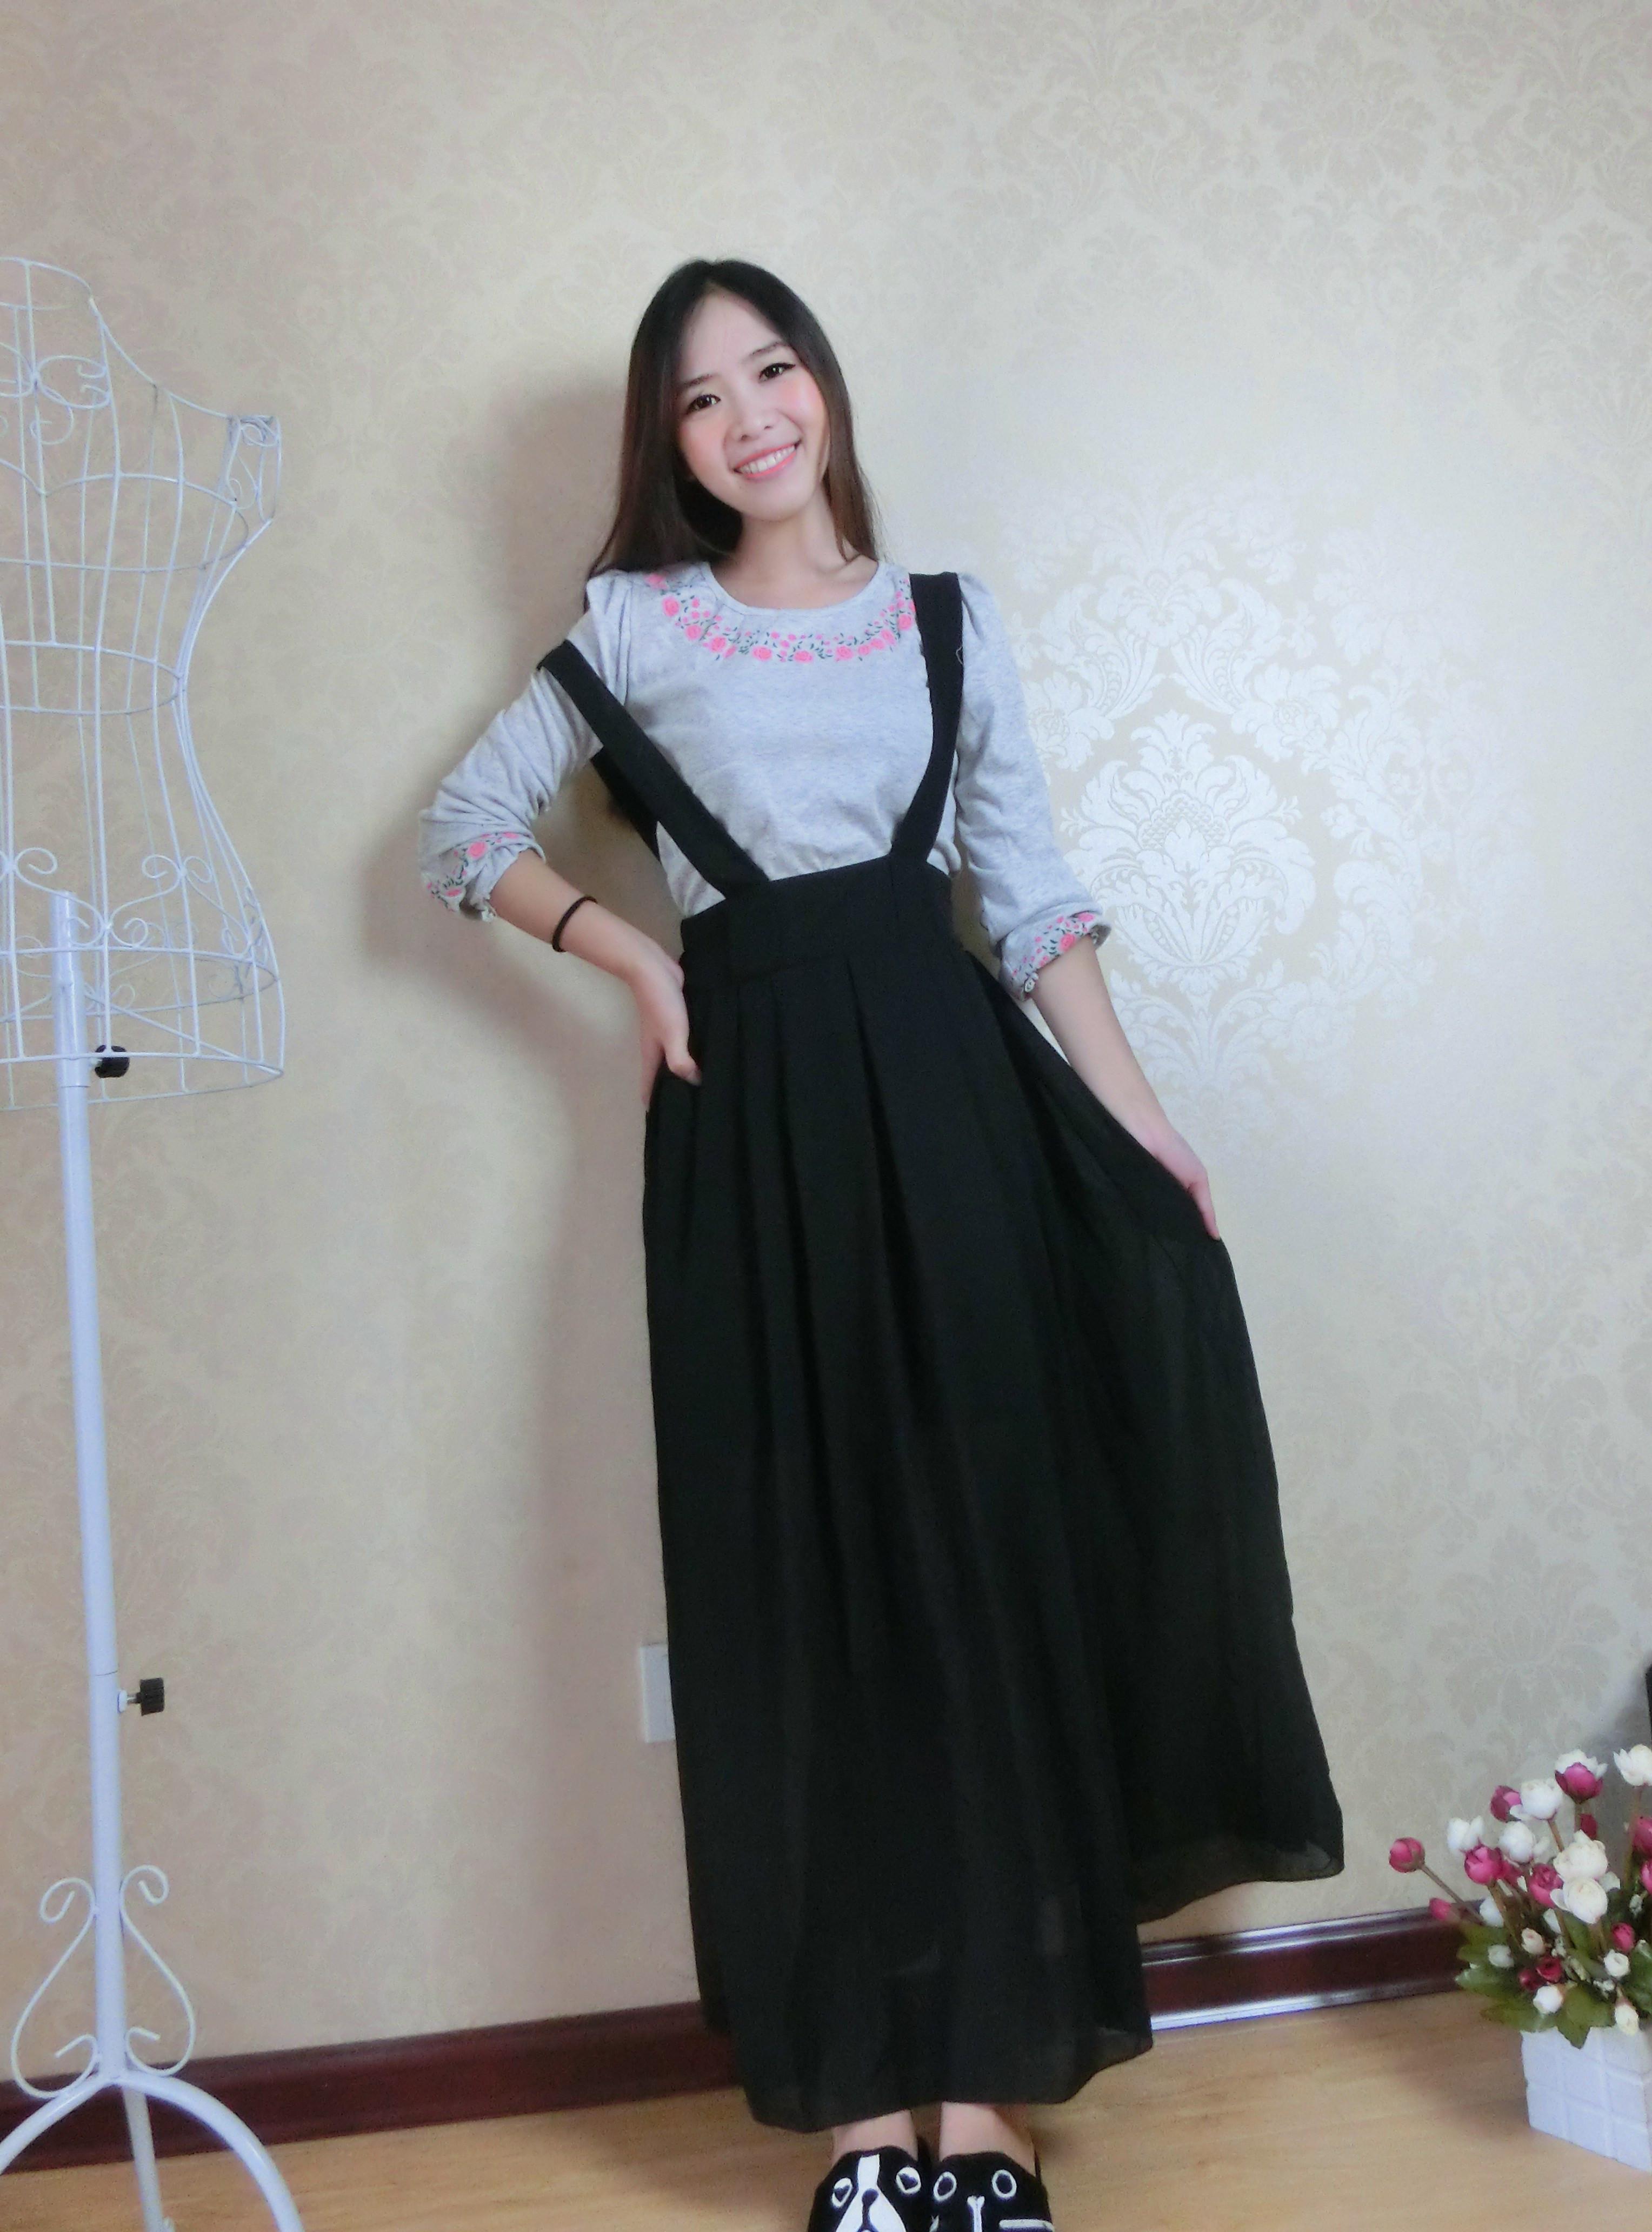 黑色长裙,搭配长袖t